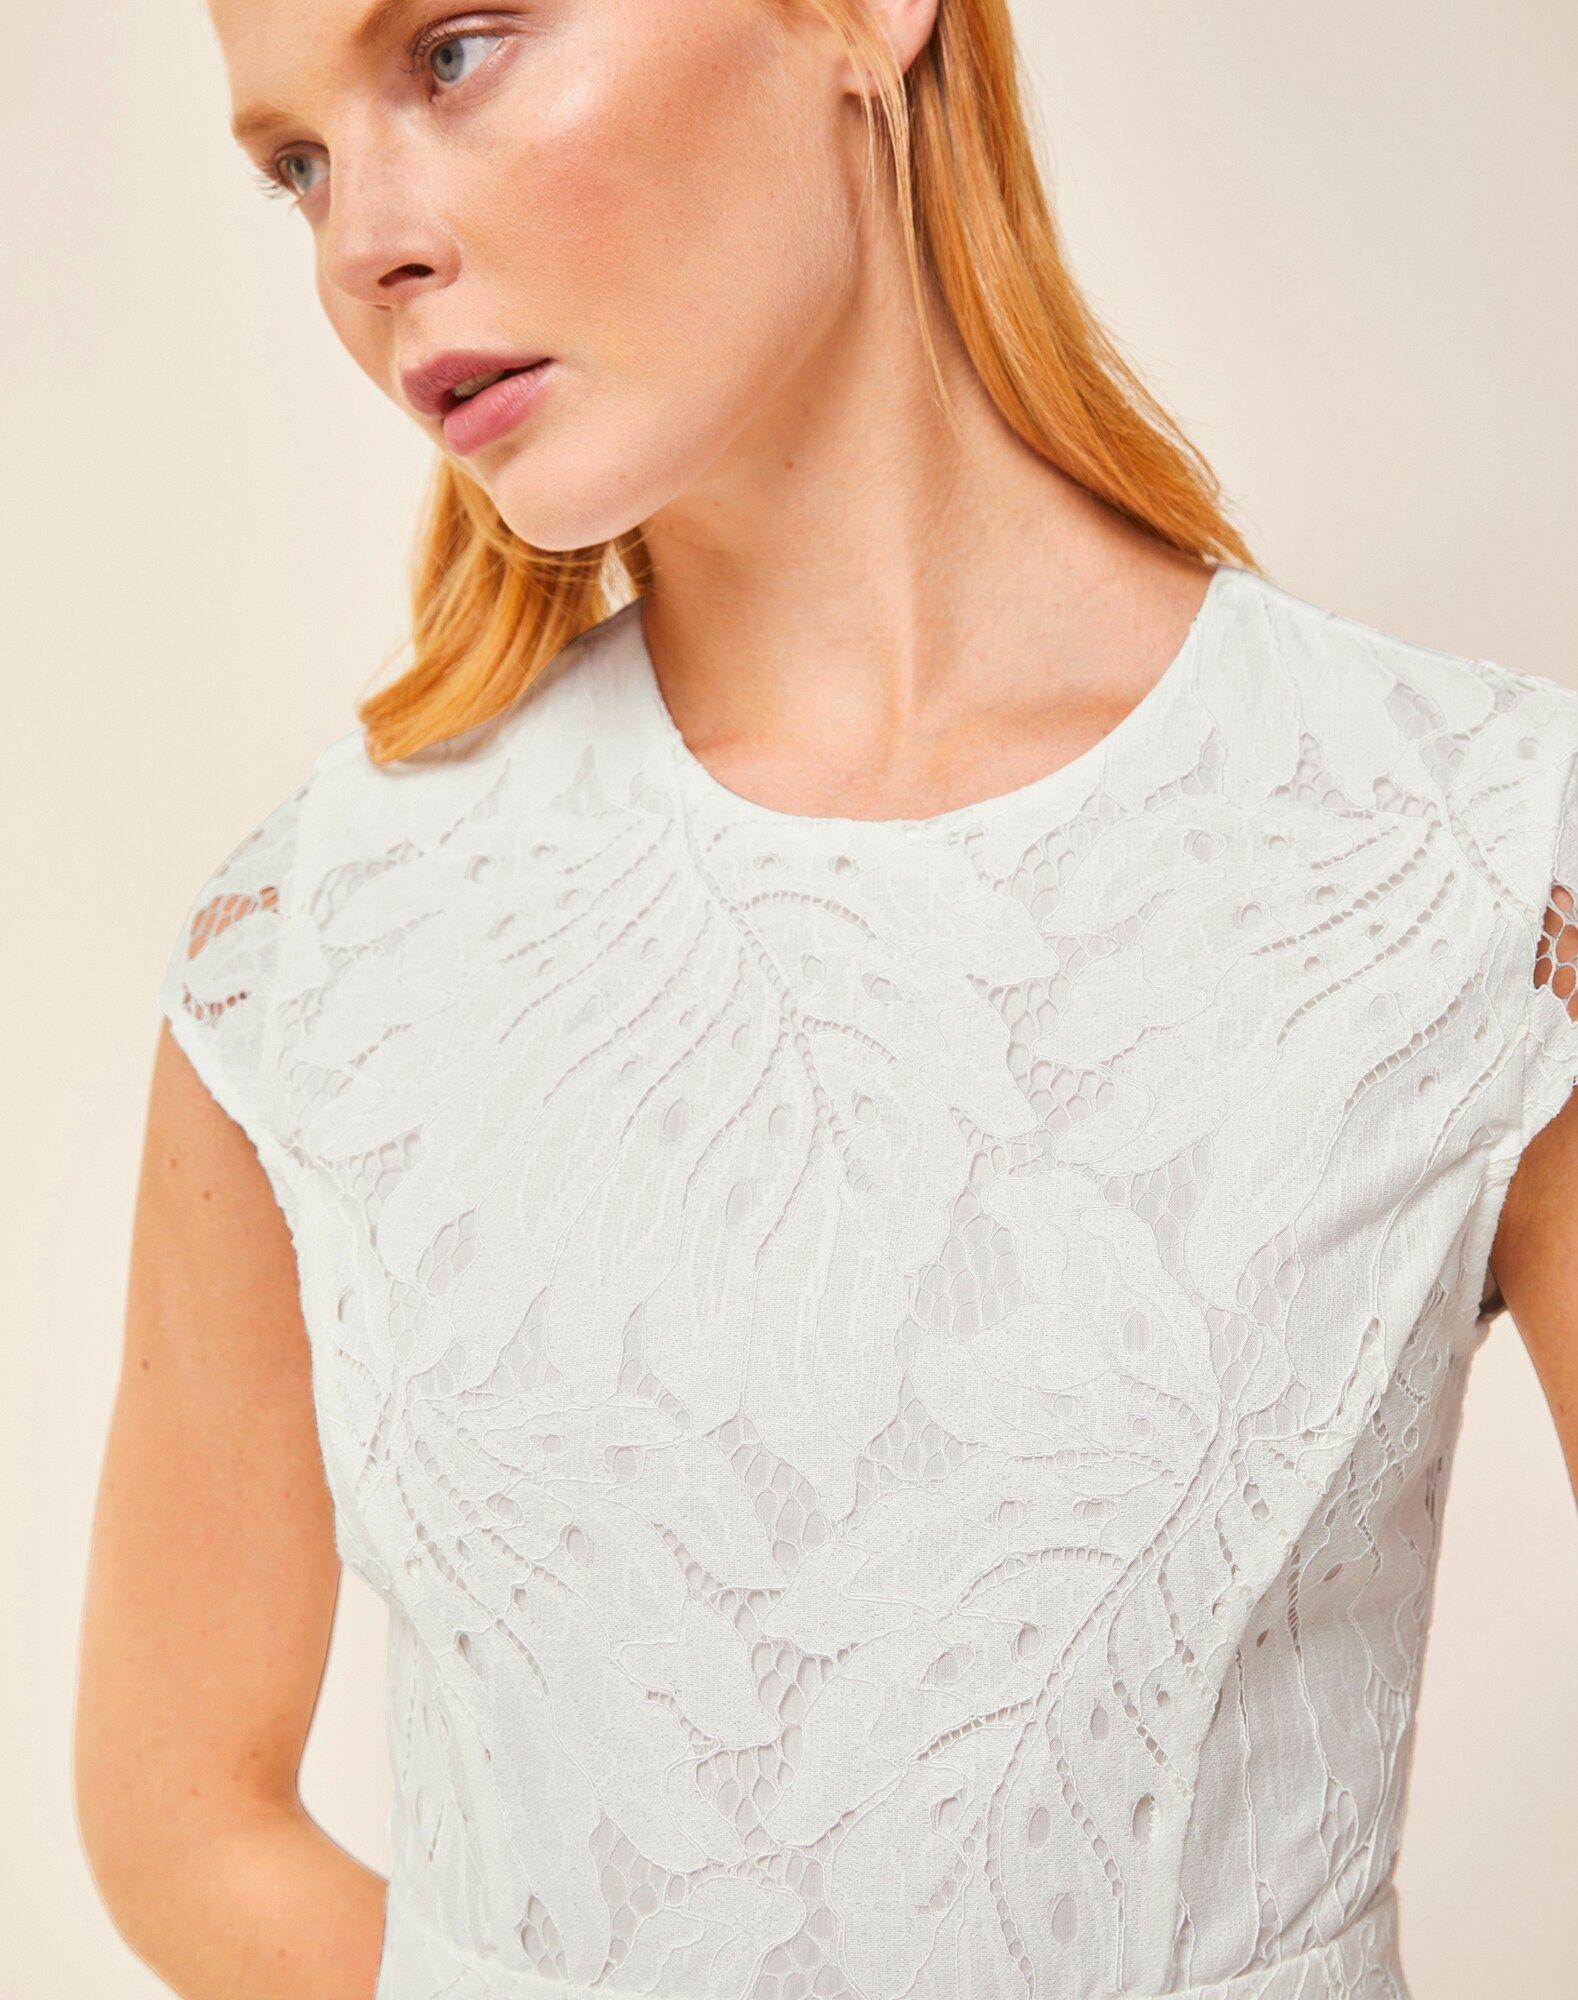 IVY & OAK Spitzenkleid Damen, Weiß, Größe 36 #asymmetrischerschnitt IVY & OAK Spitzenkleid Damen, Weiß, Größe 36 #asymmetrischerschnitt